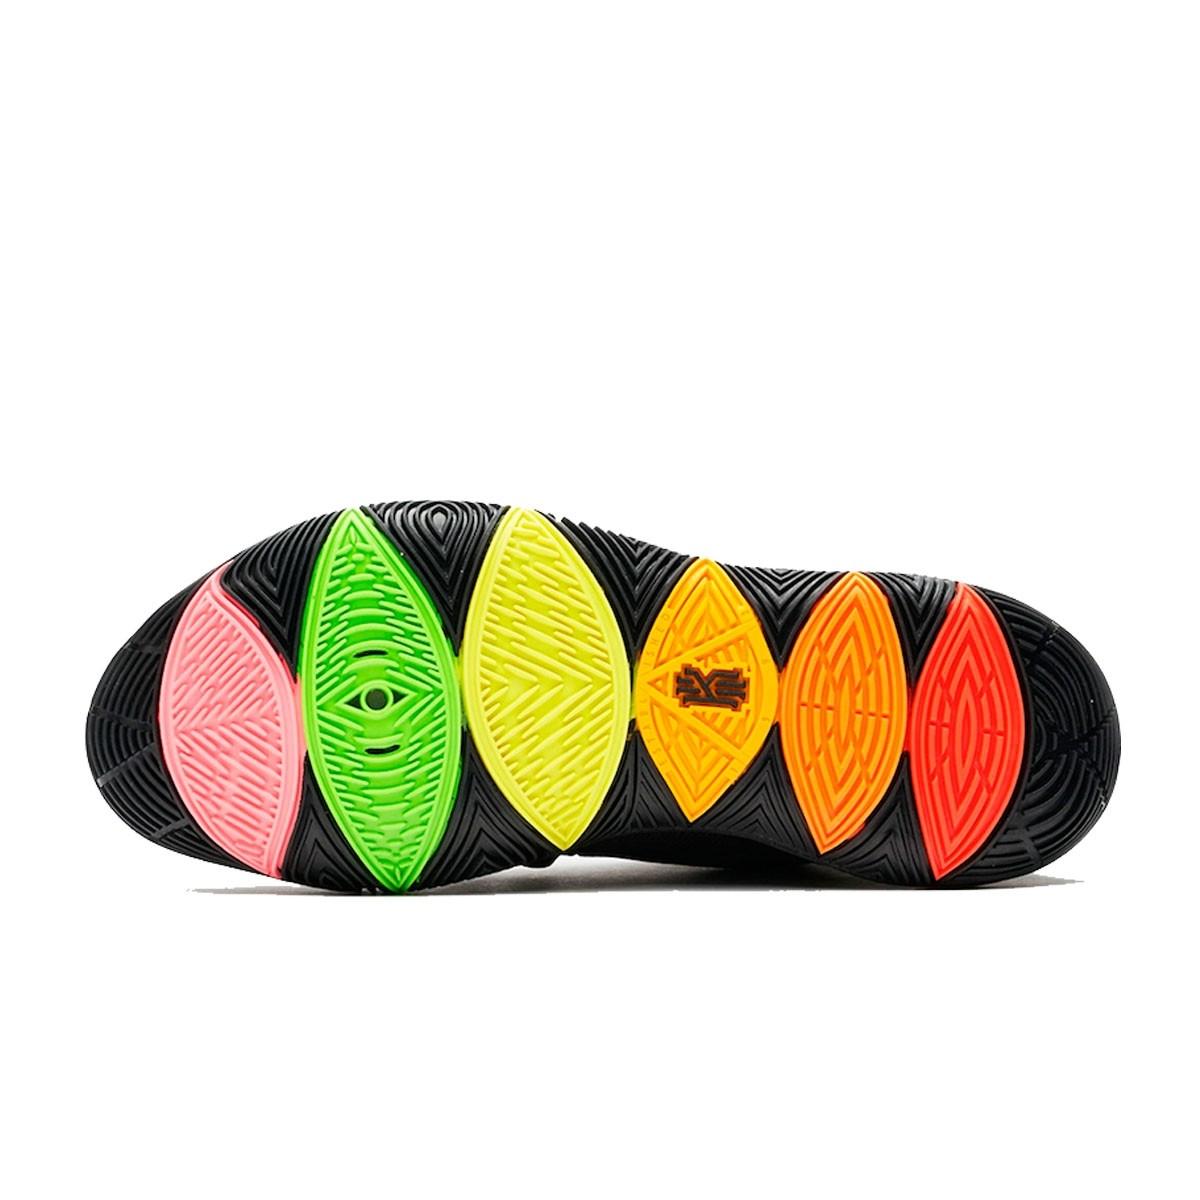 Nike Kyrie 5 'Black Rainbow' AO2918-001